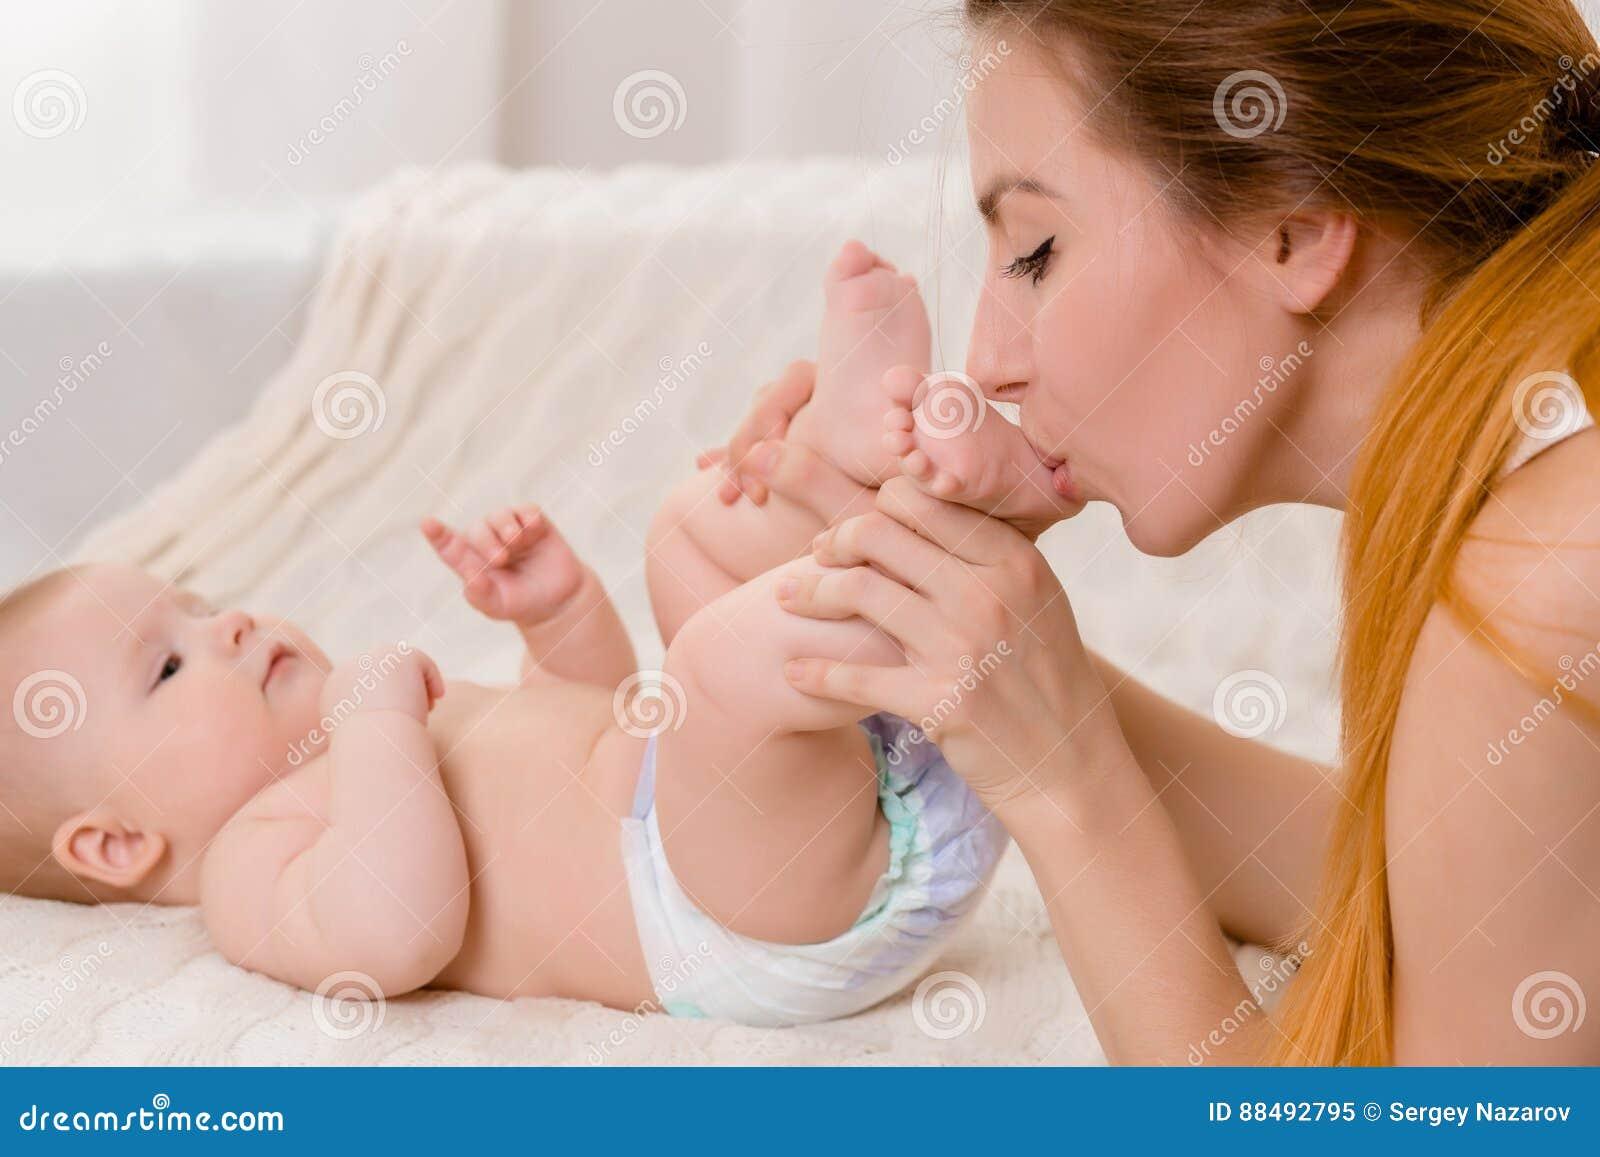 Μητέρα και παιδί σε ένα άσπρο κρεβάτι Mom και κοριτσάκι στο παιχνίδι πανών στην ηλιόλουστη κρεβατοκάμαρα